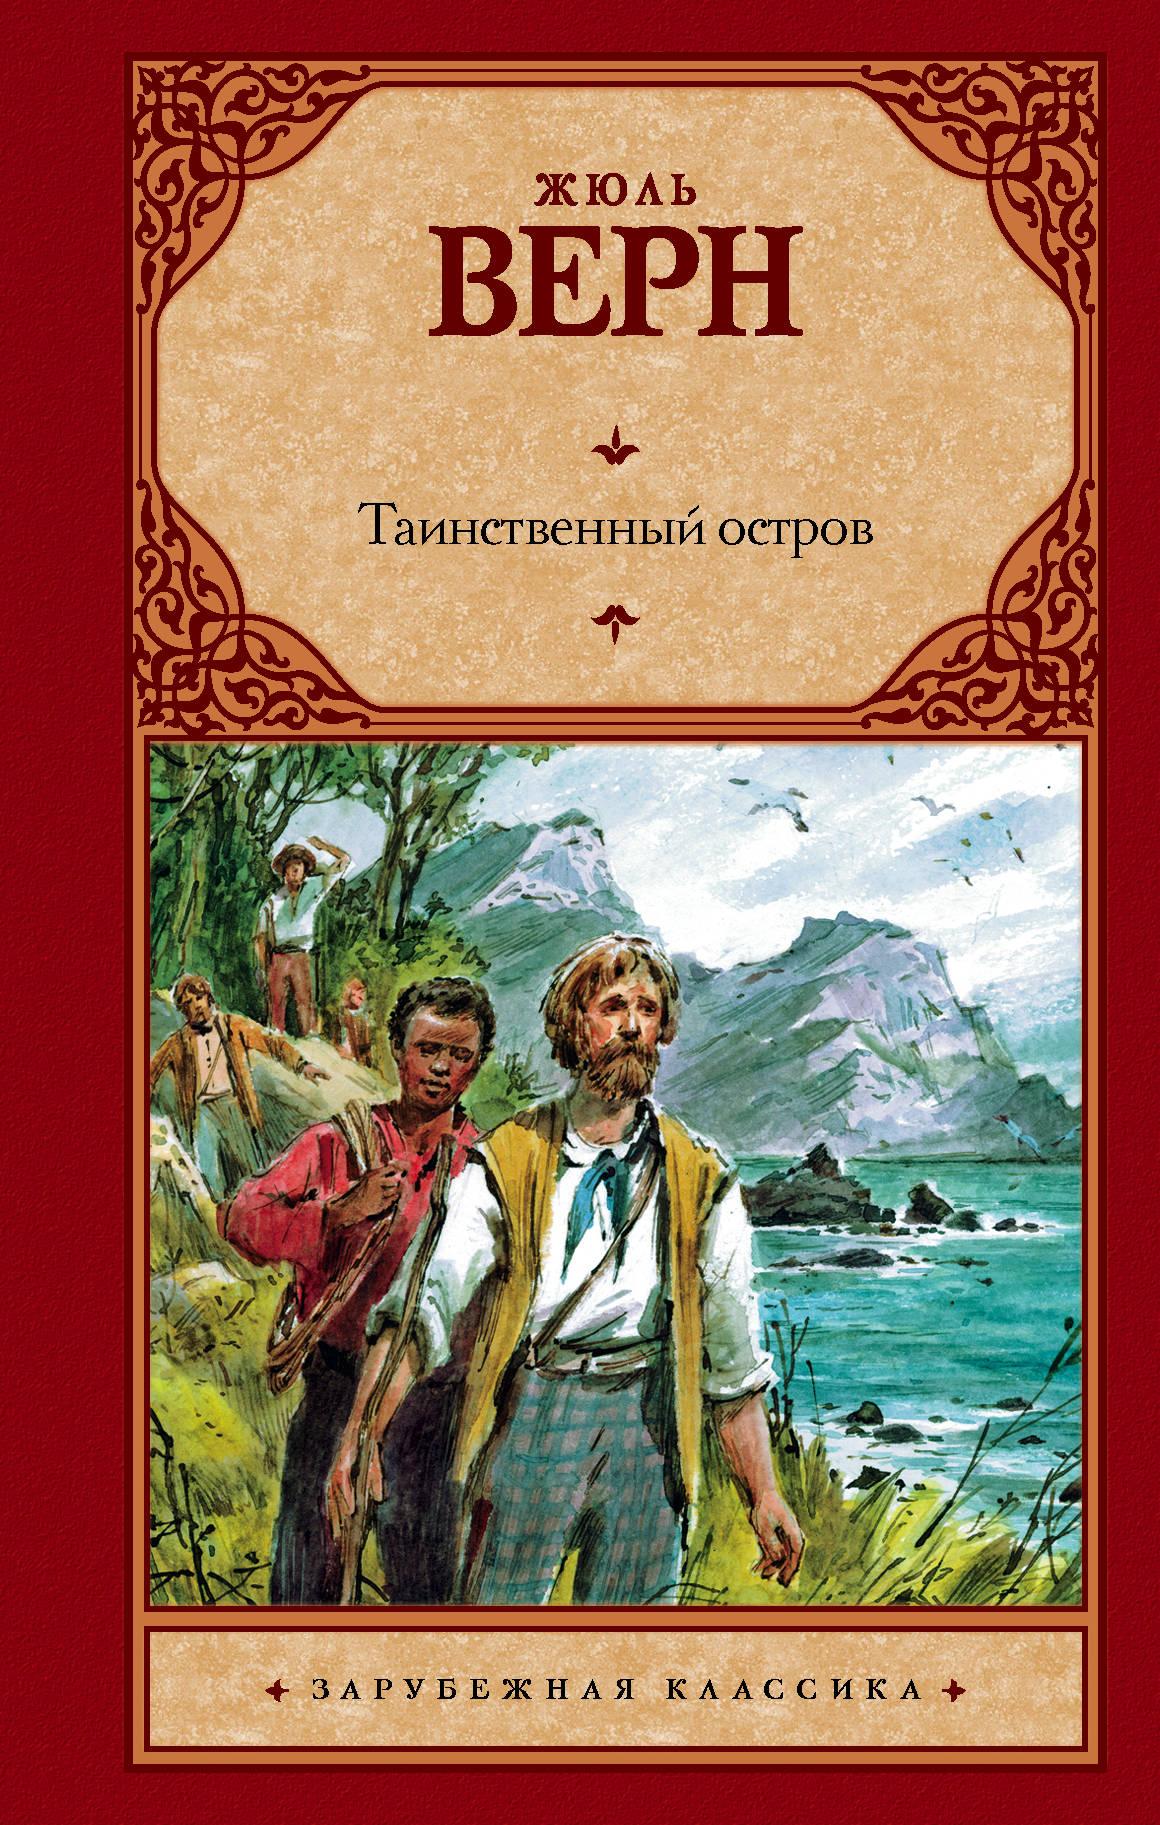 Жюль Верн Таинственный остров путешествие 2 таинственный остров 2012